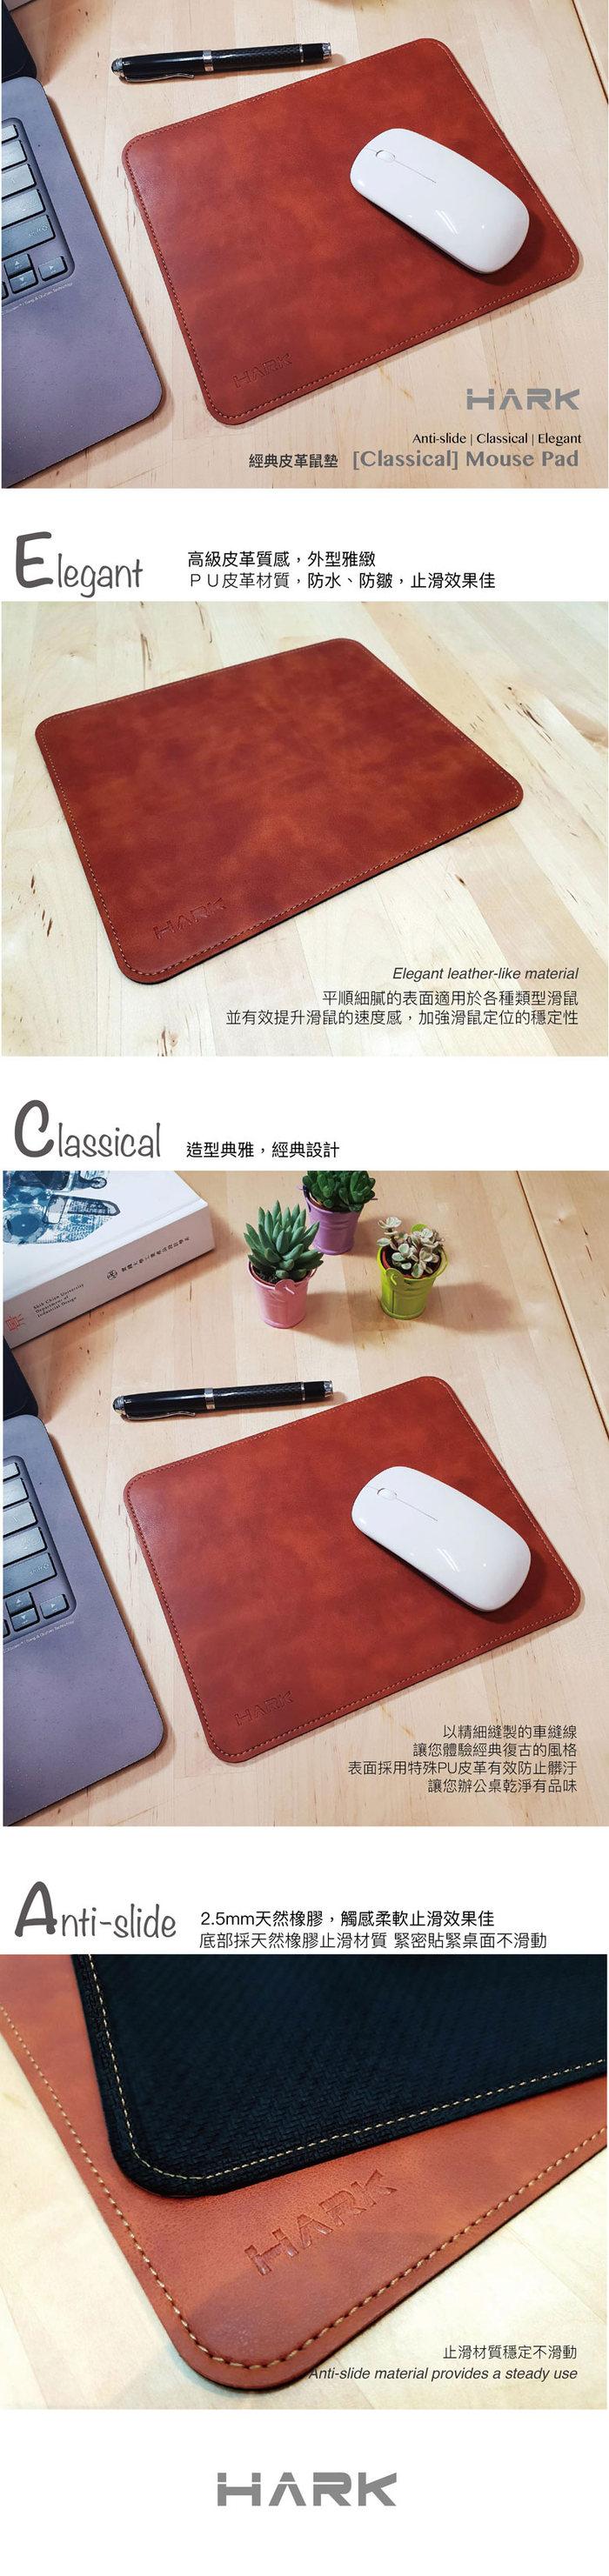 (複製)台灣設計 HARK|超舒適全面積緩壓鼠墊 (HMP-01)